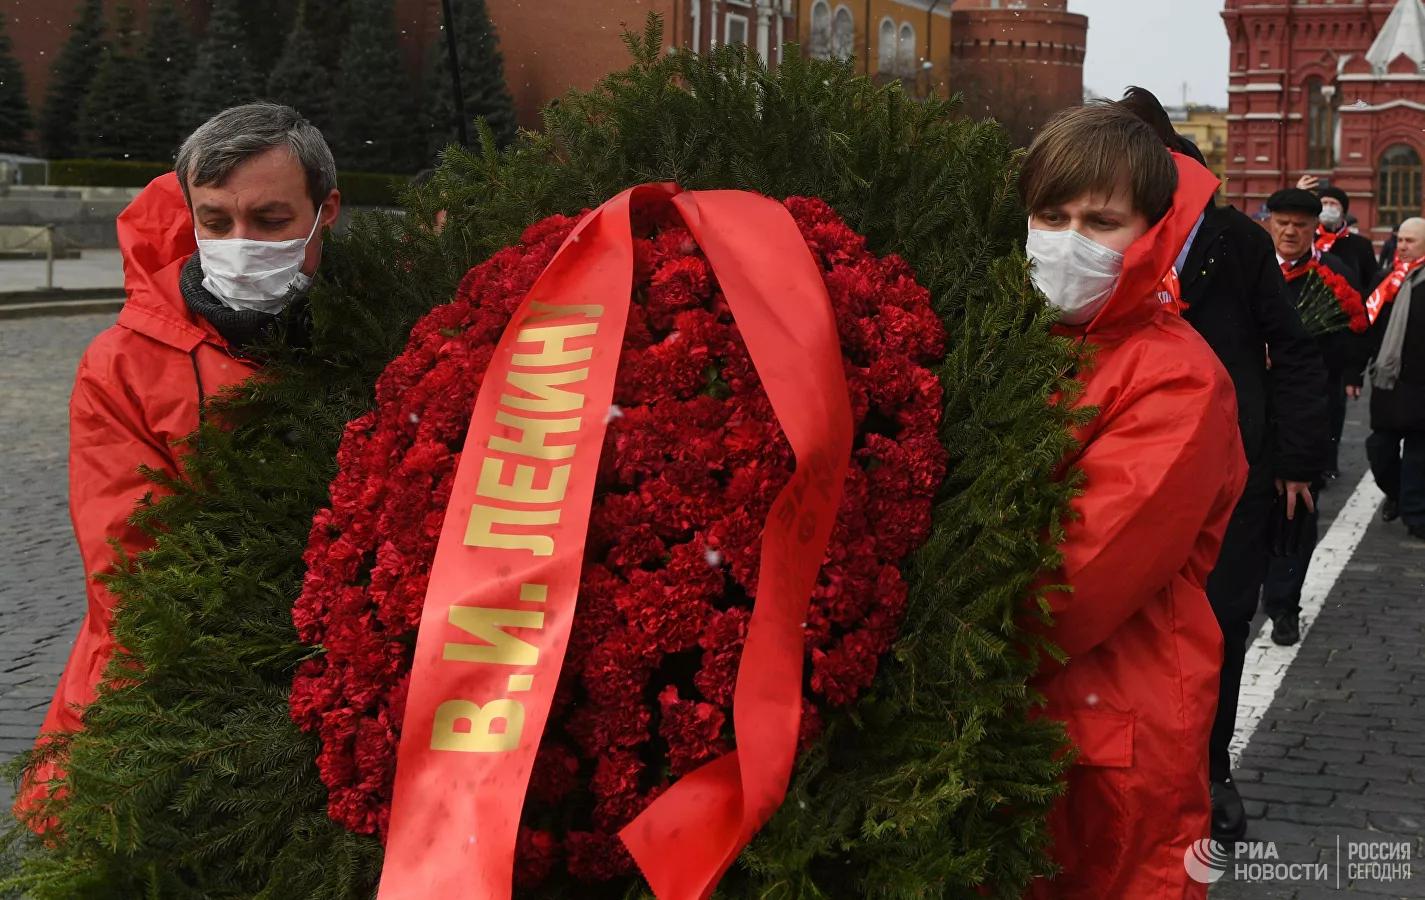 20200422_13-31-Члены КПРФ возложили цветы к Мавзолею-pic1